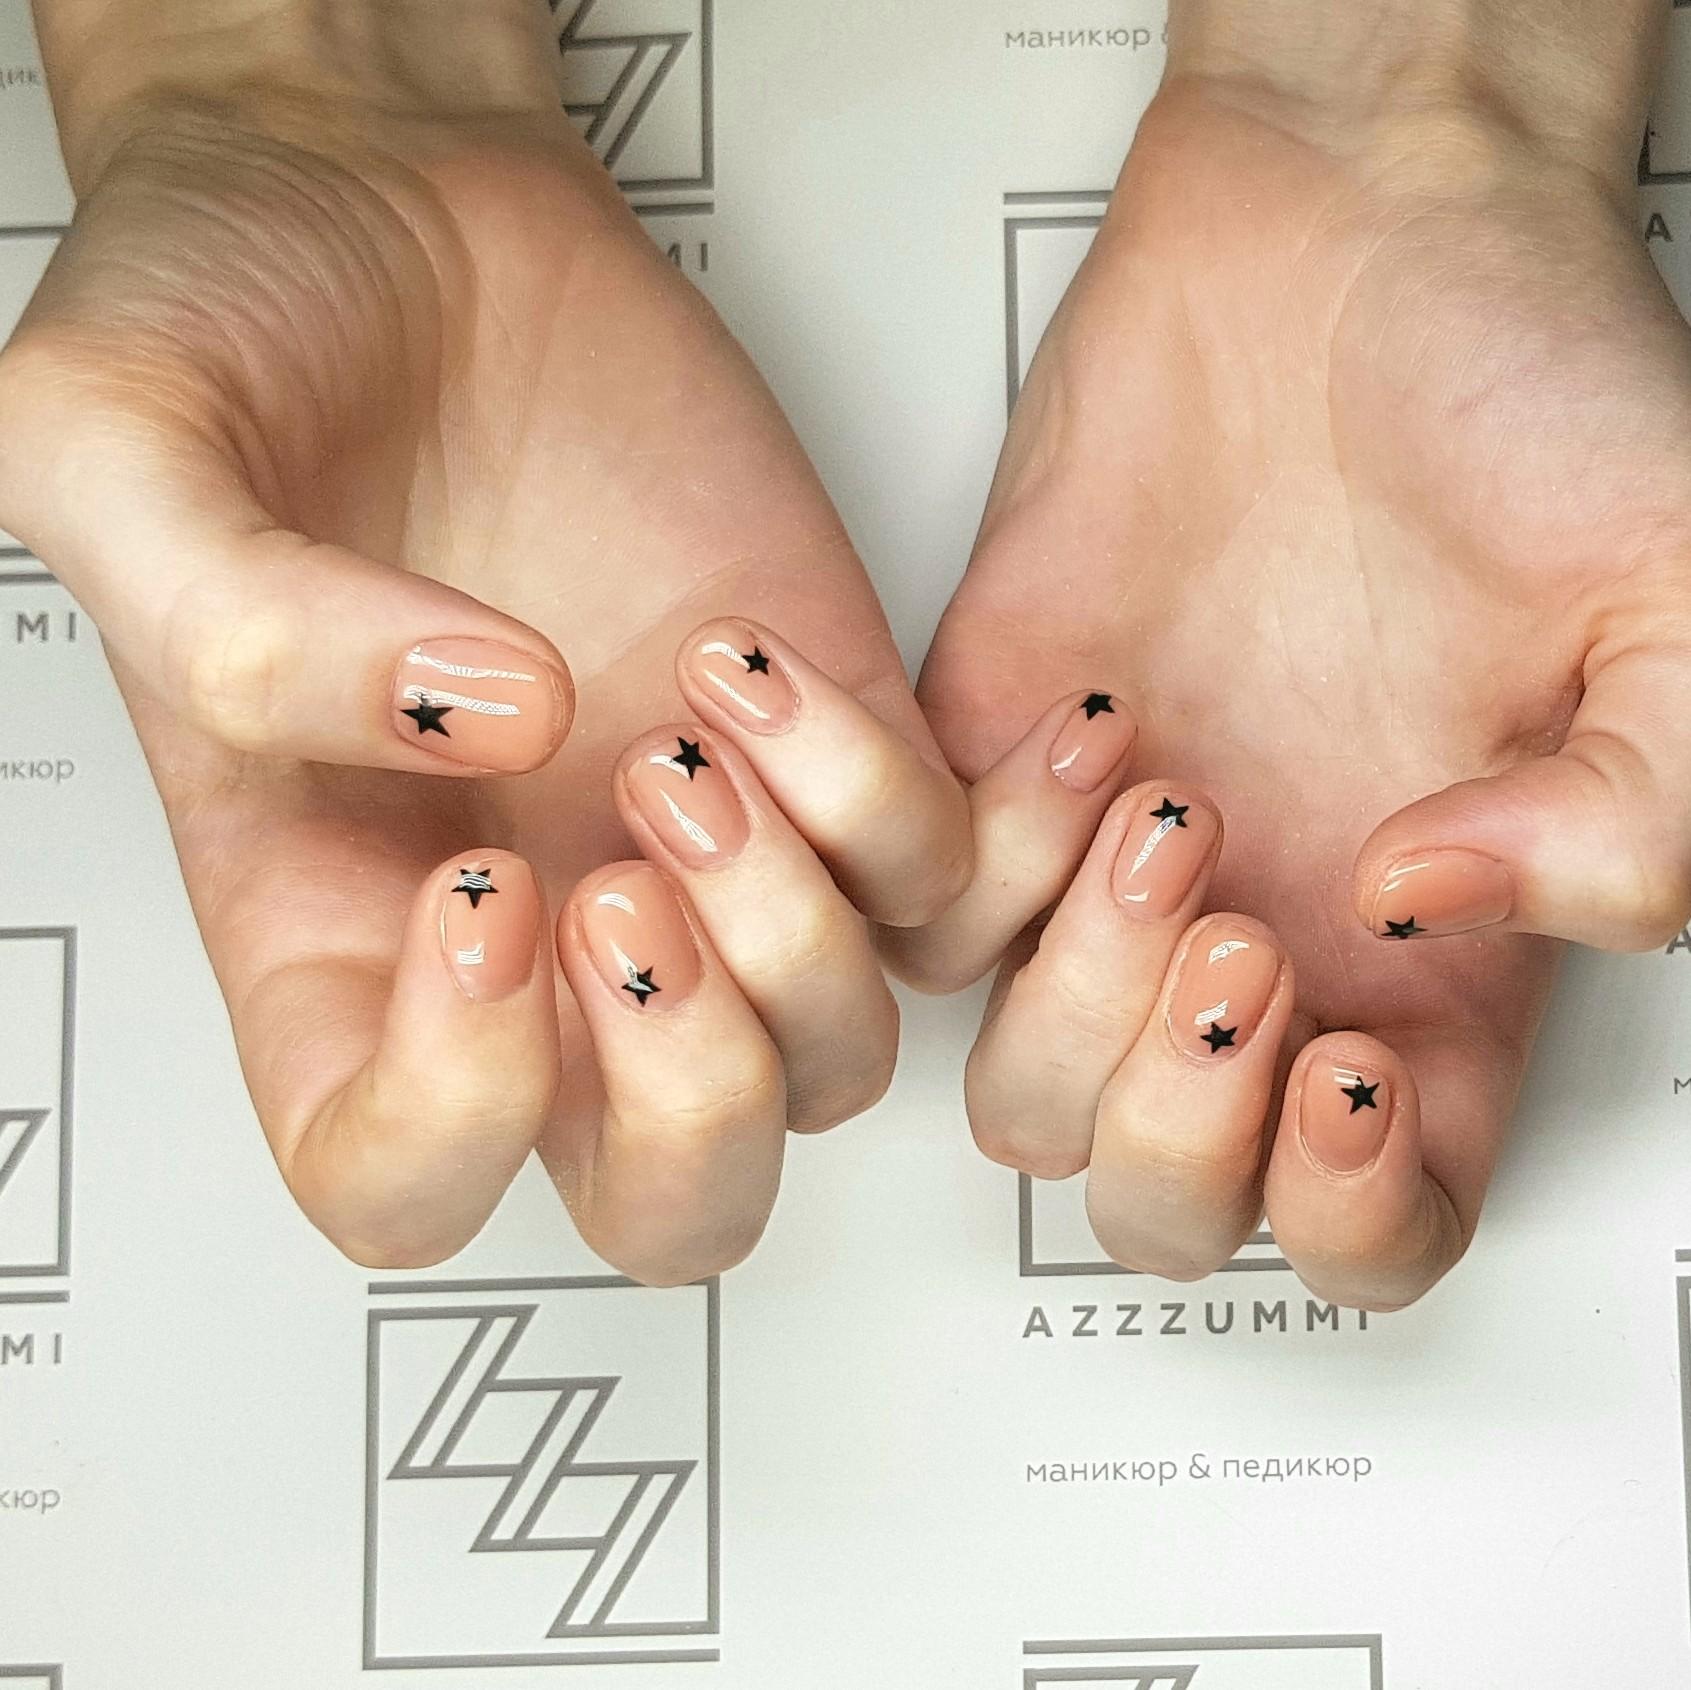 Azzzummi_nails_ 1905_звезды4